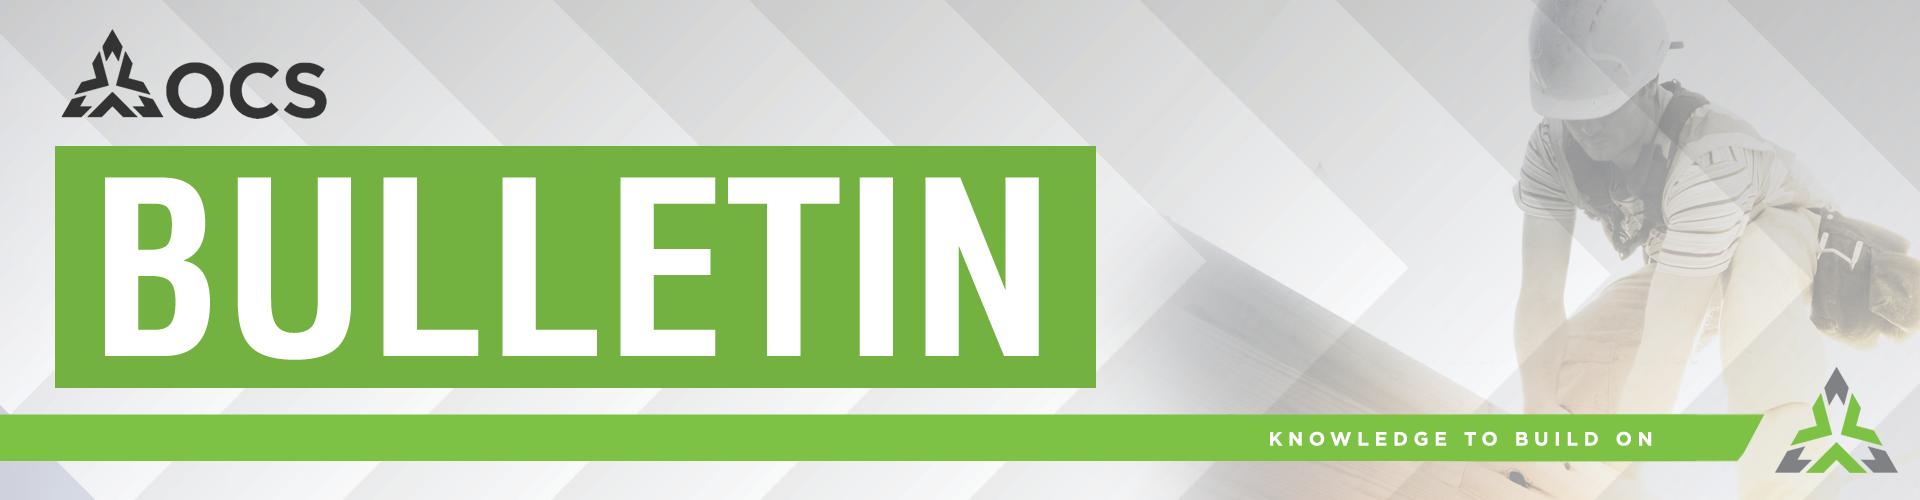 OCS_Banner-Bulletin-A1-GREEN